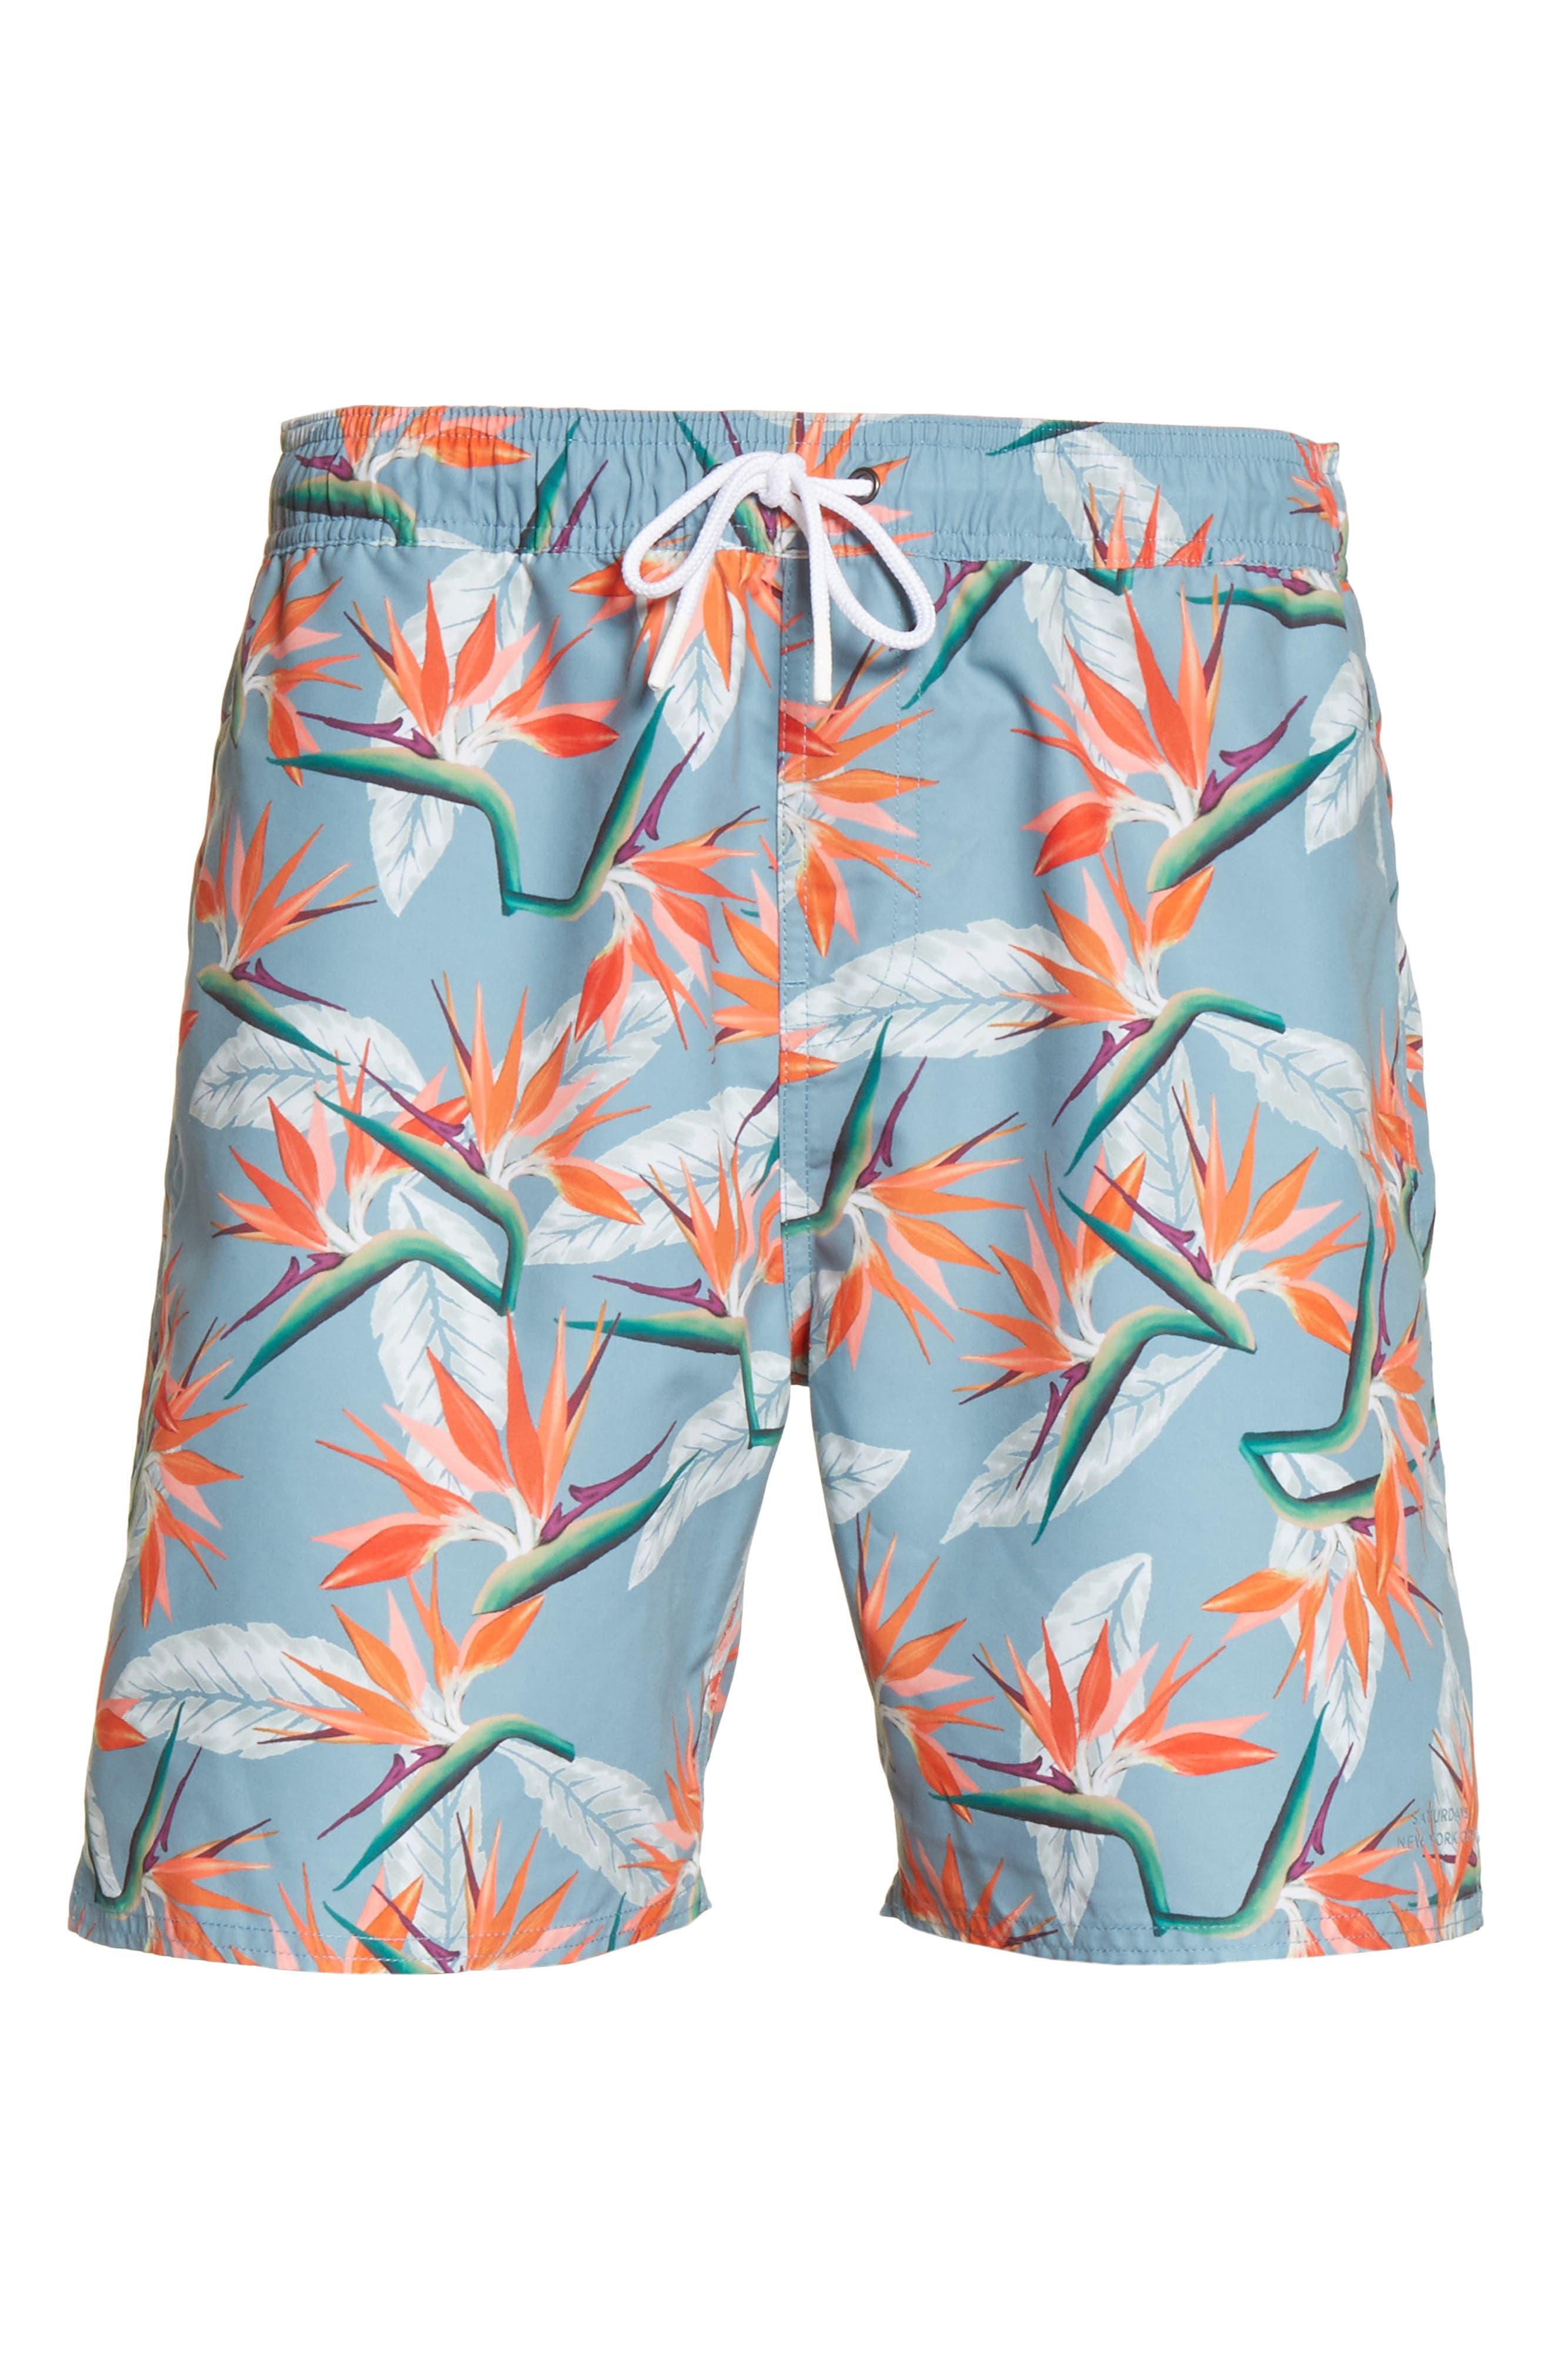 Timothy Paradise Swim Shorts,                             Alternate thumbnail 6, color,                             PARADISE PRINT